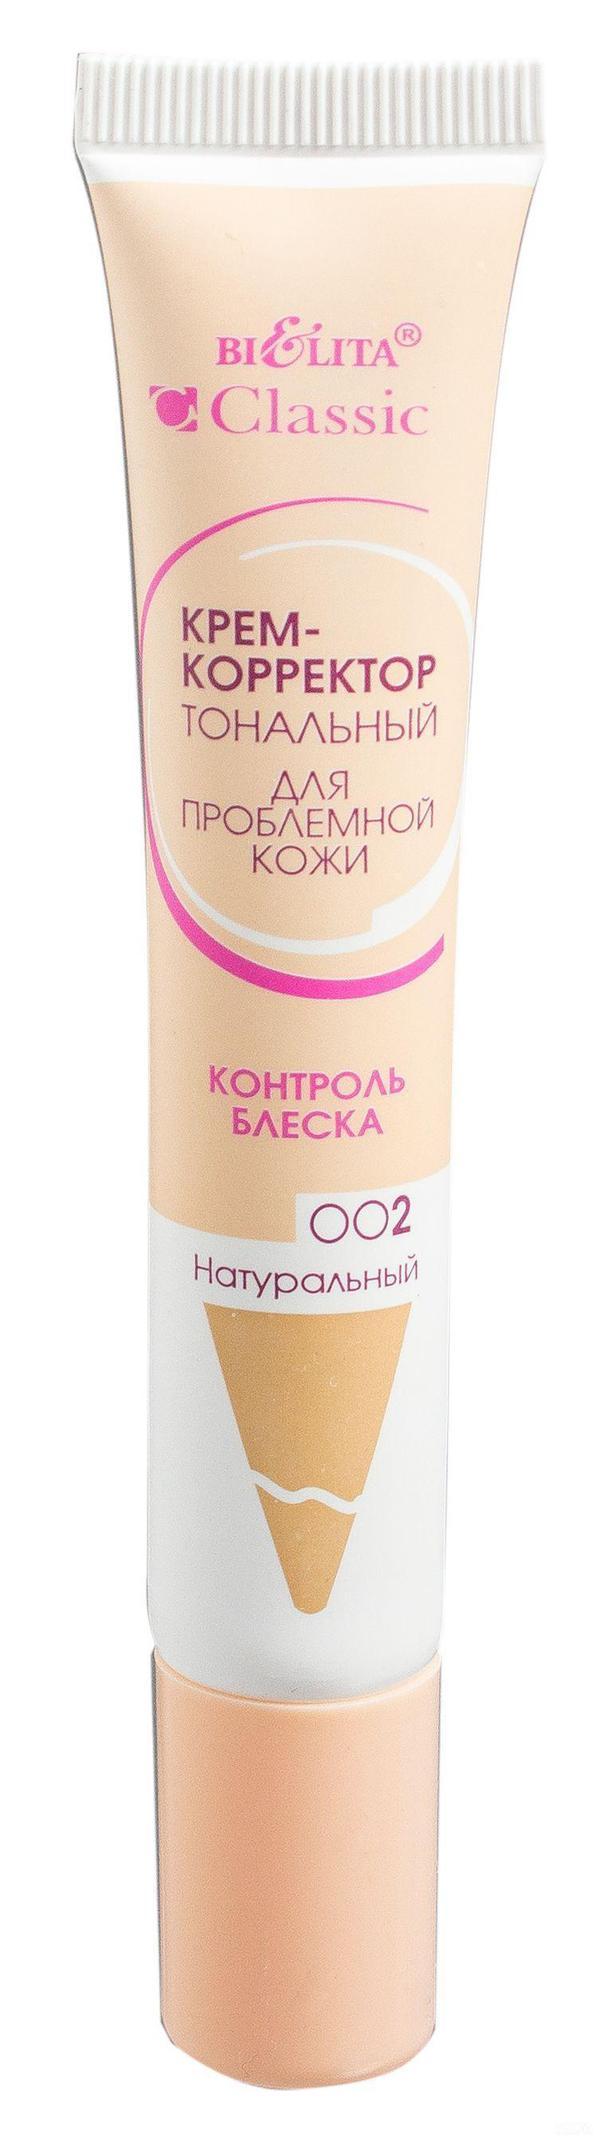 Тональный крем для зрелой кожи